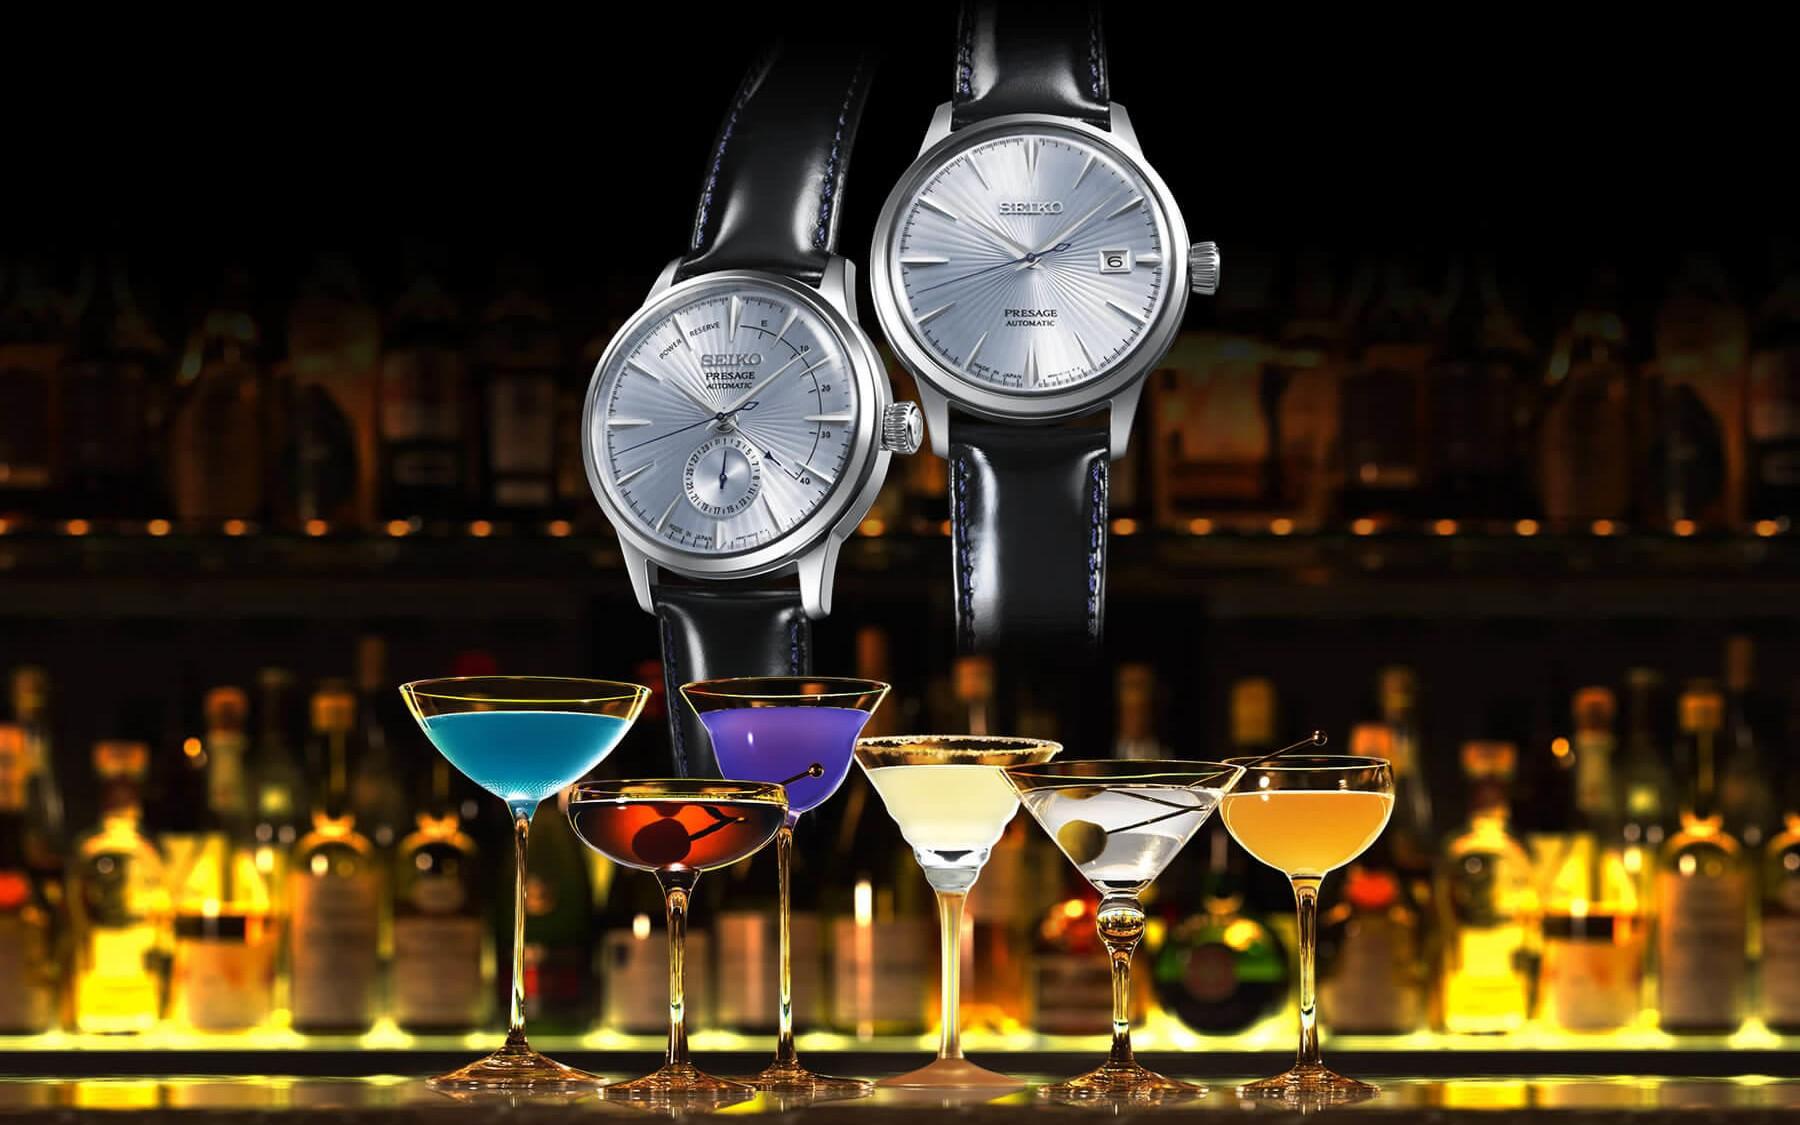 Nguồn cảm hứng cho bộ sưu tập Seiko Presage từ Cocktail Bar